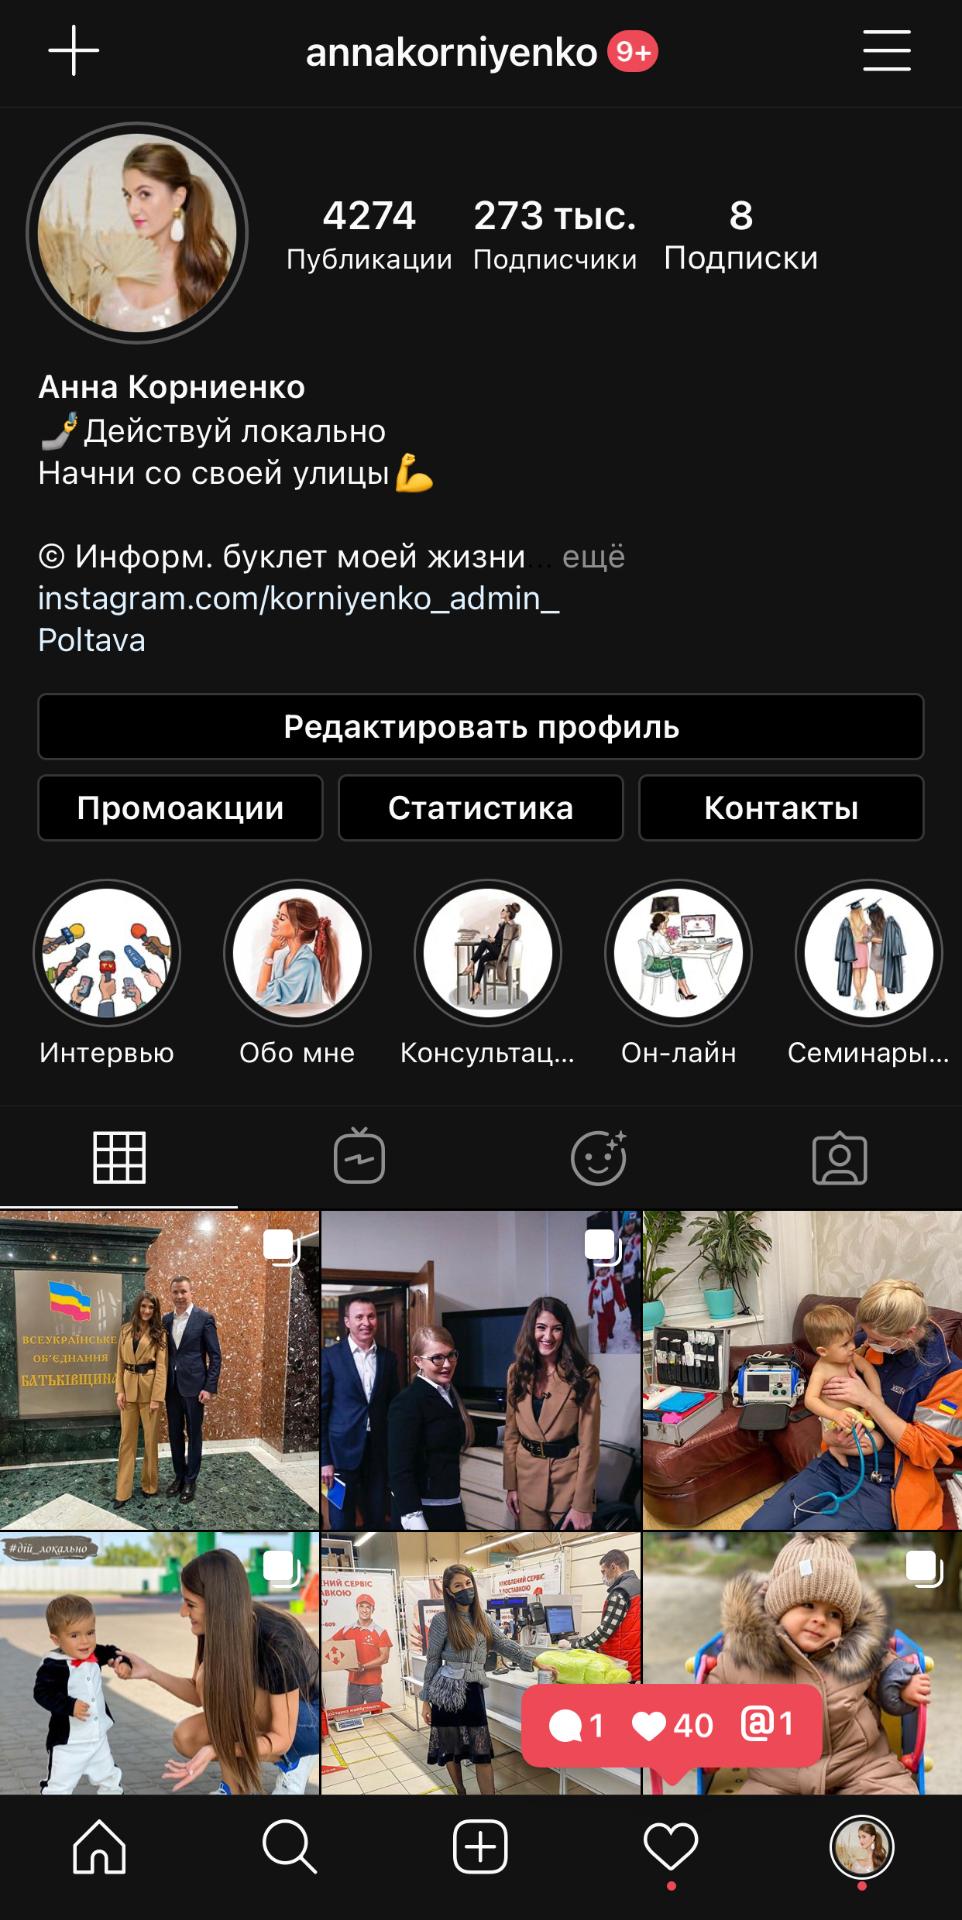 Анна Корнієнко має аудиторію понад 270 тисяч українців